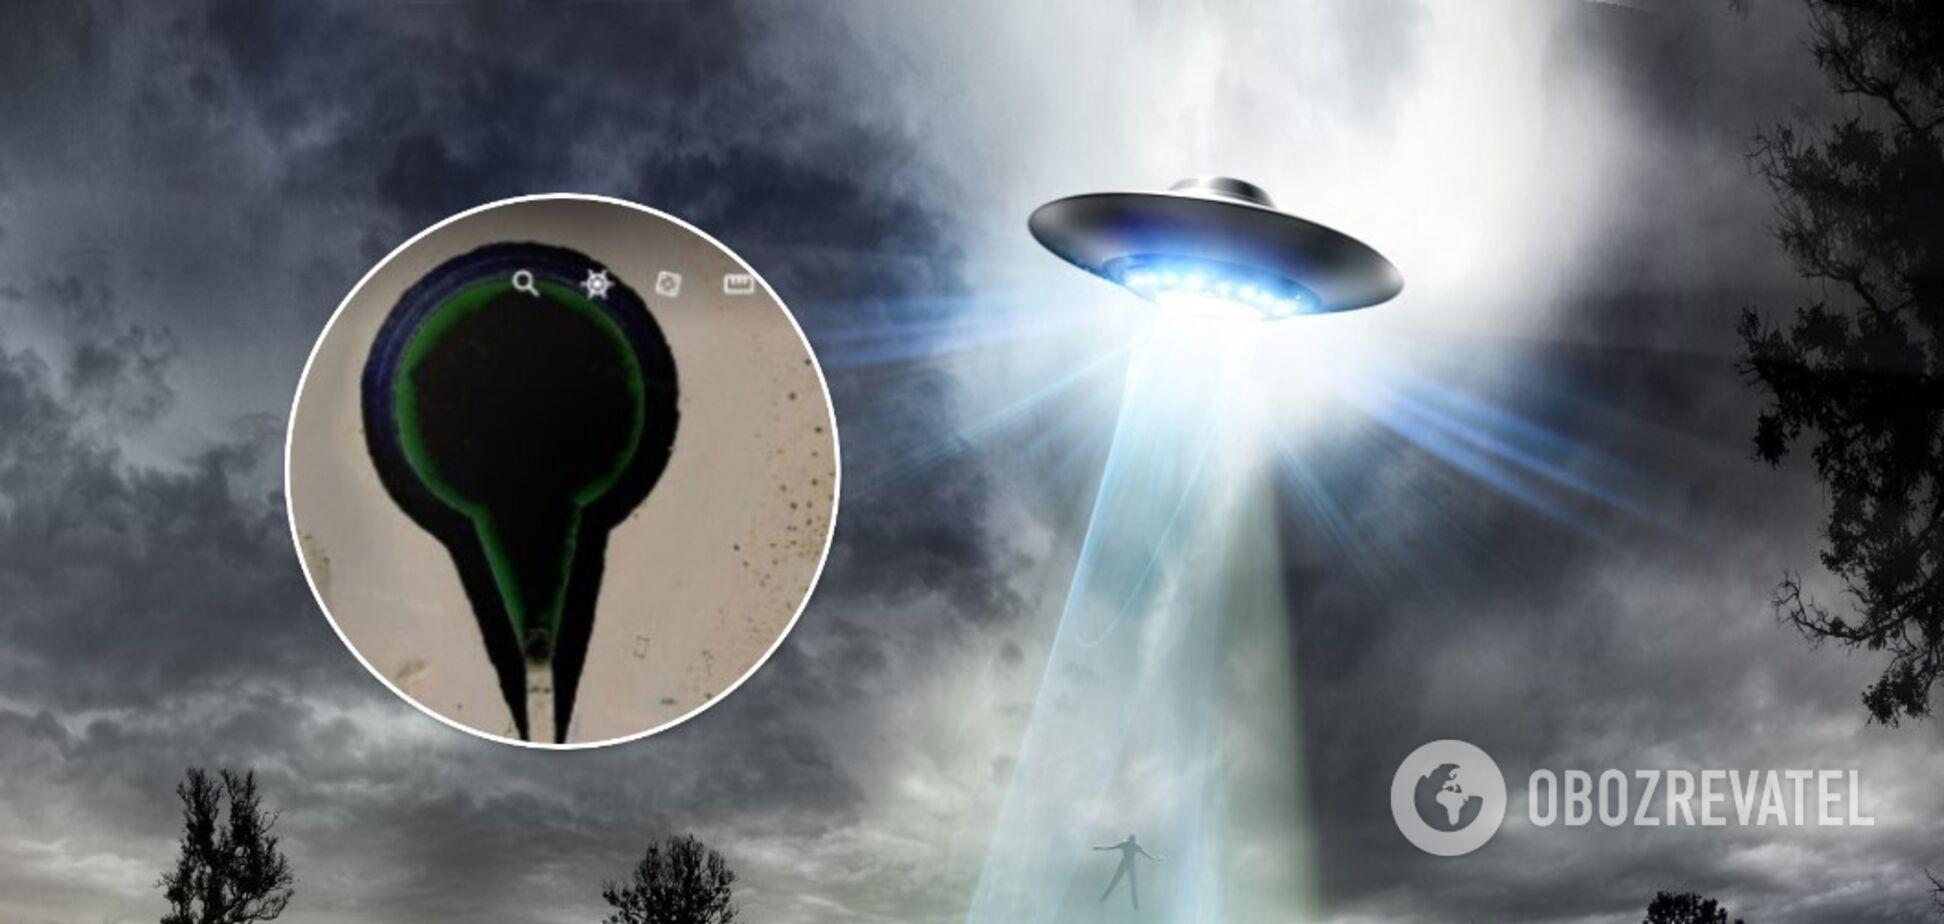 Блогер обнаружил 'обломки НЛО' в Долине Смерти